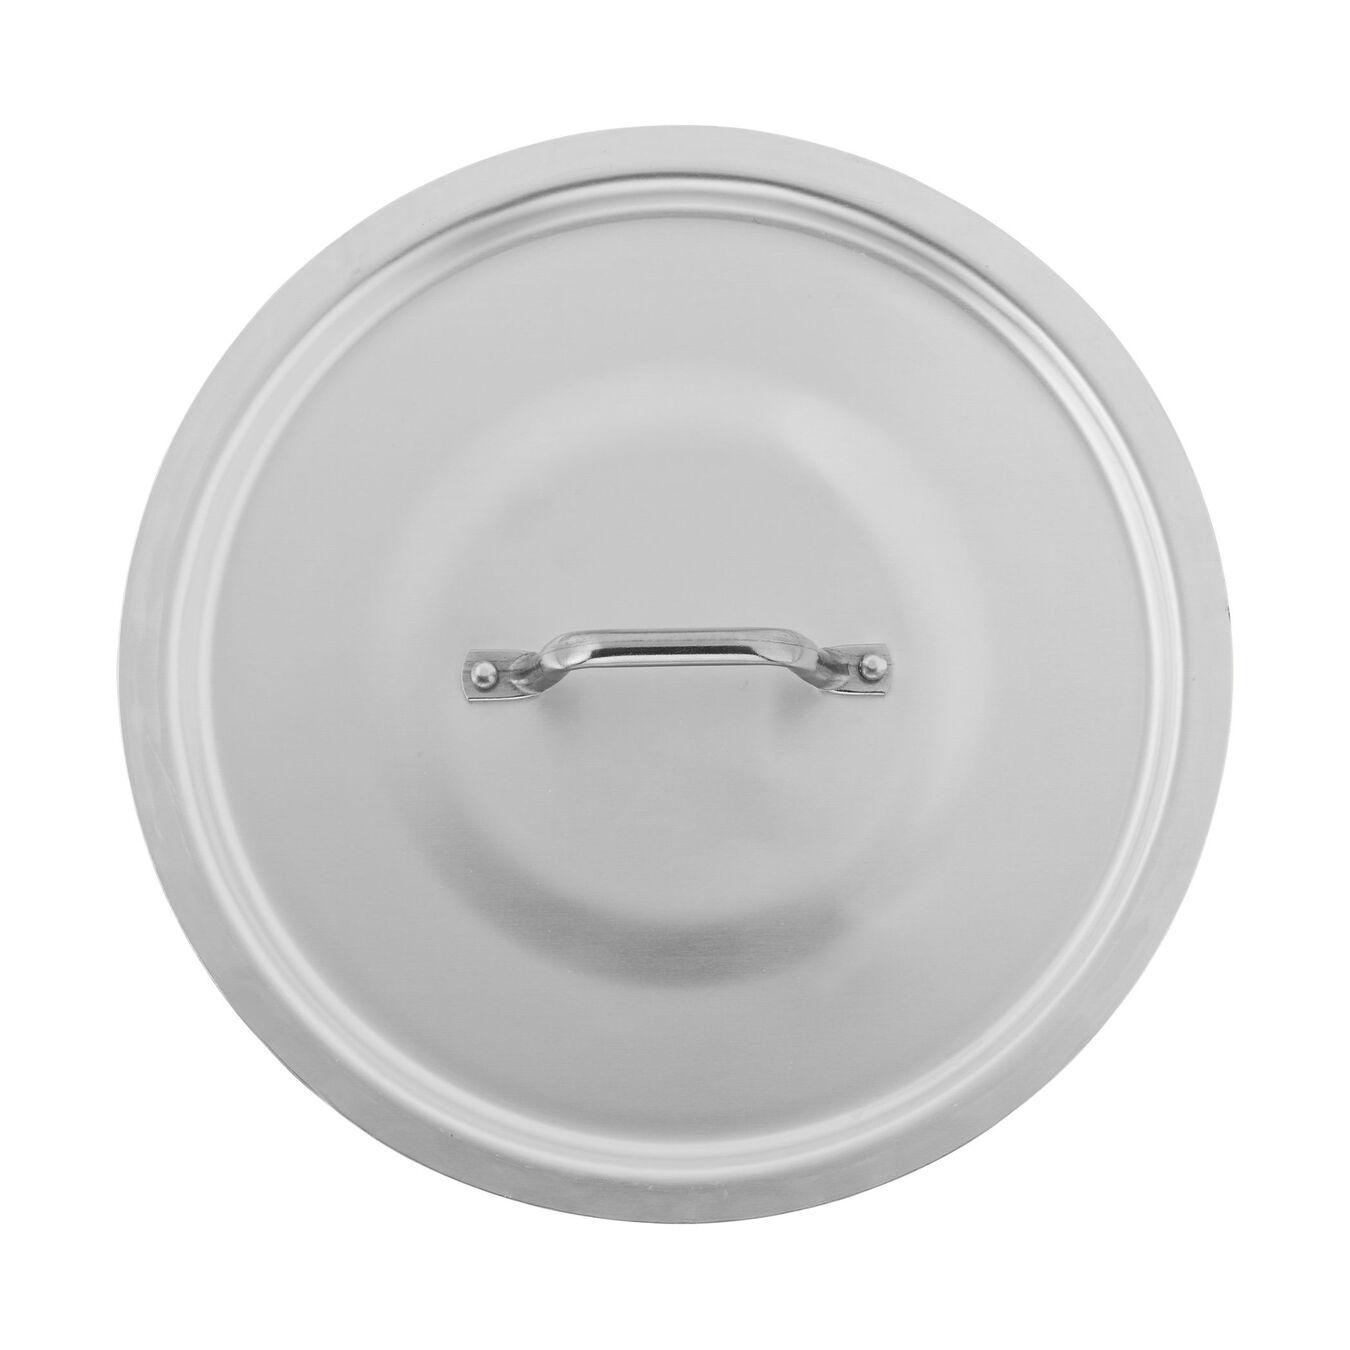 6.3-inch / 16cm Aluminum Lid,,large 1